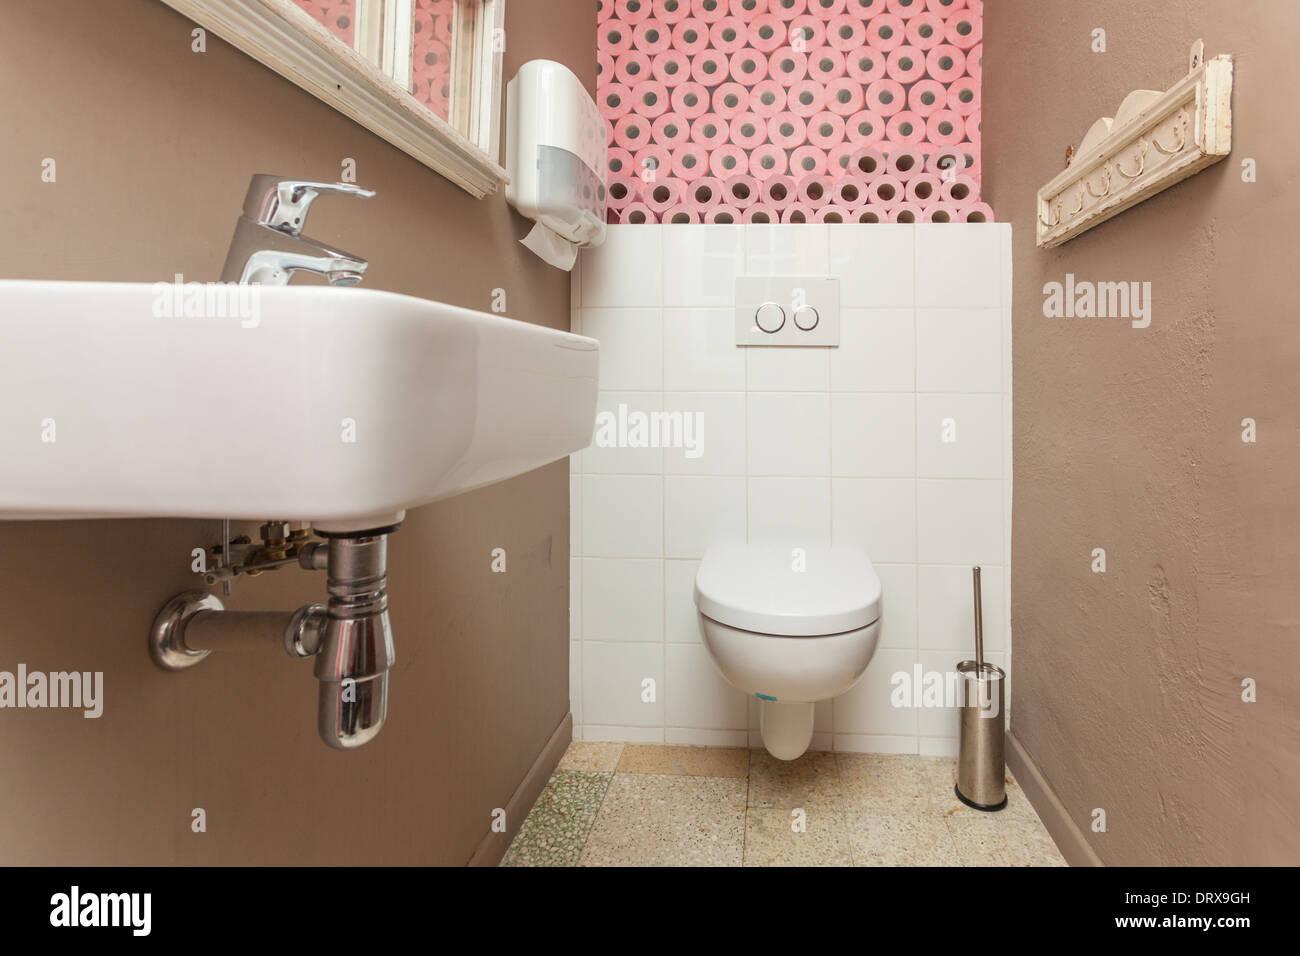 Kleine Wc Raum Mit Toilette Und Ein Waschbecken Mit Rosa